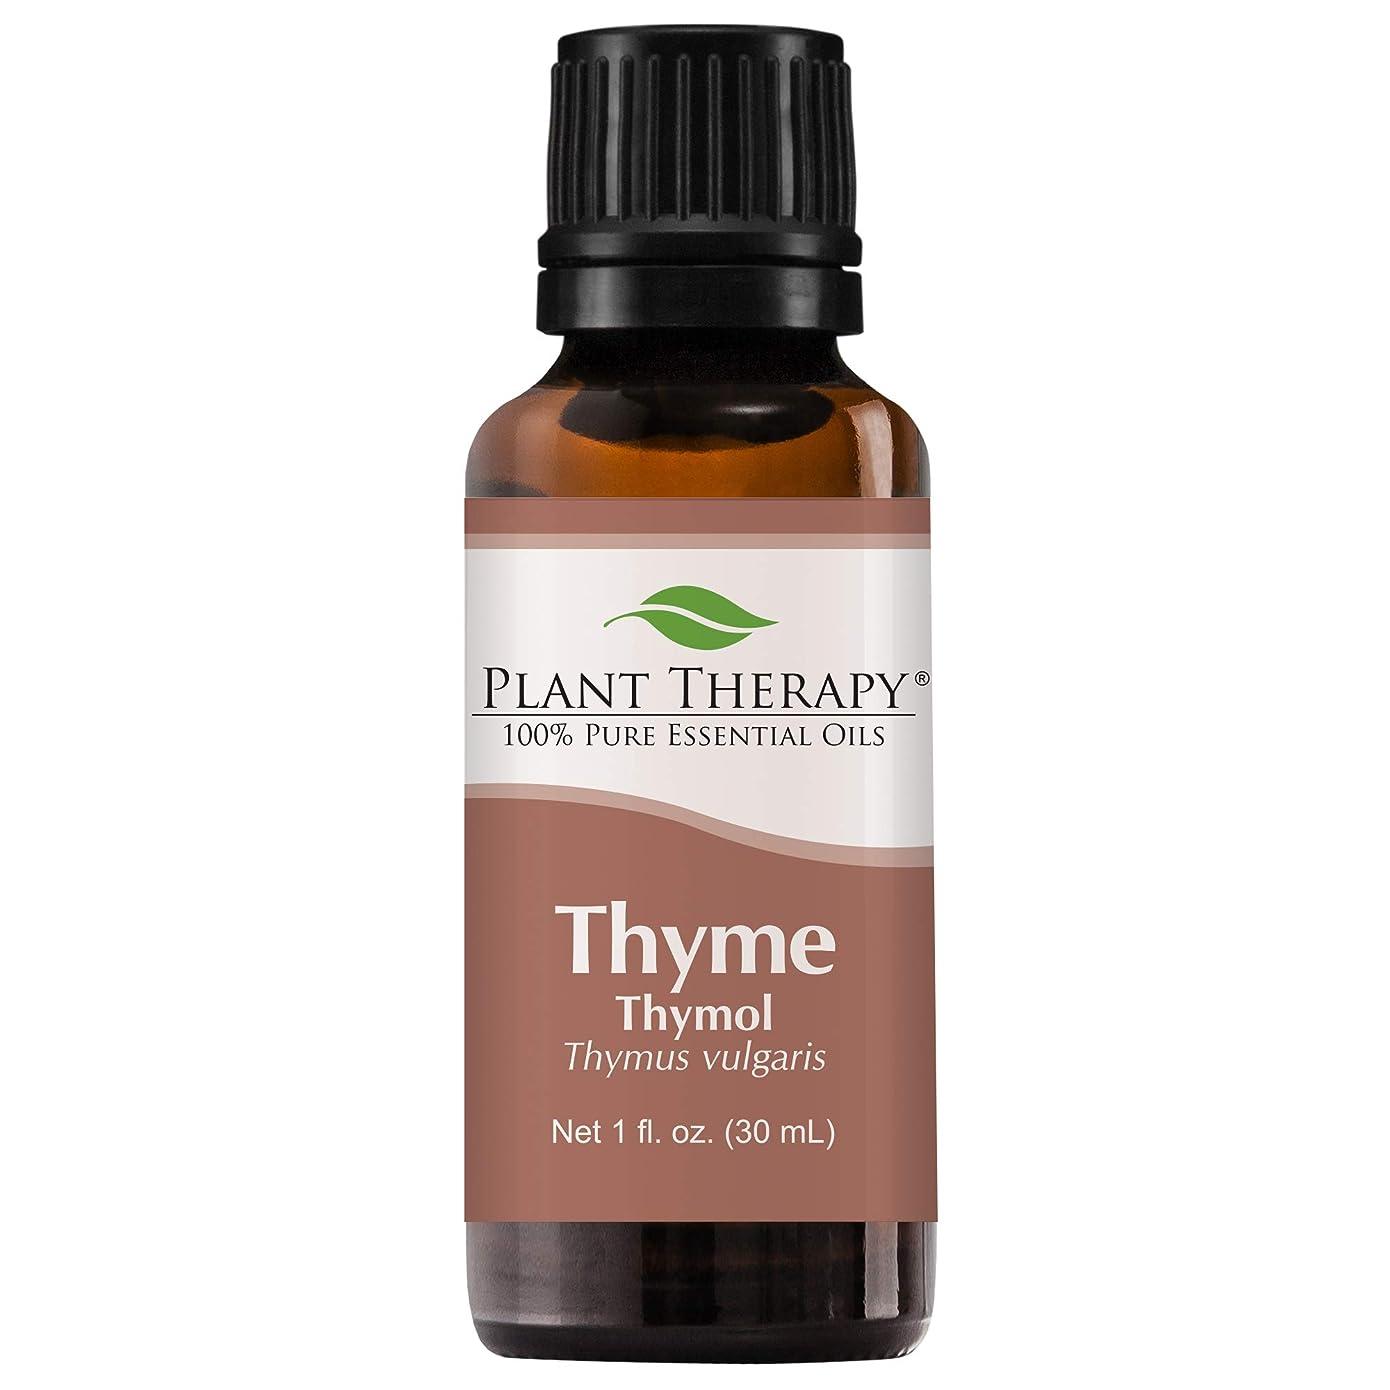 アルコールリードダニPlant Therapy Thyme Thymol Essential Oil. 100% Pure, Undiluted, Therapeutic Grade. 30 ml (1 oz). by Plant Therapy Essential Oils